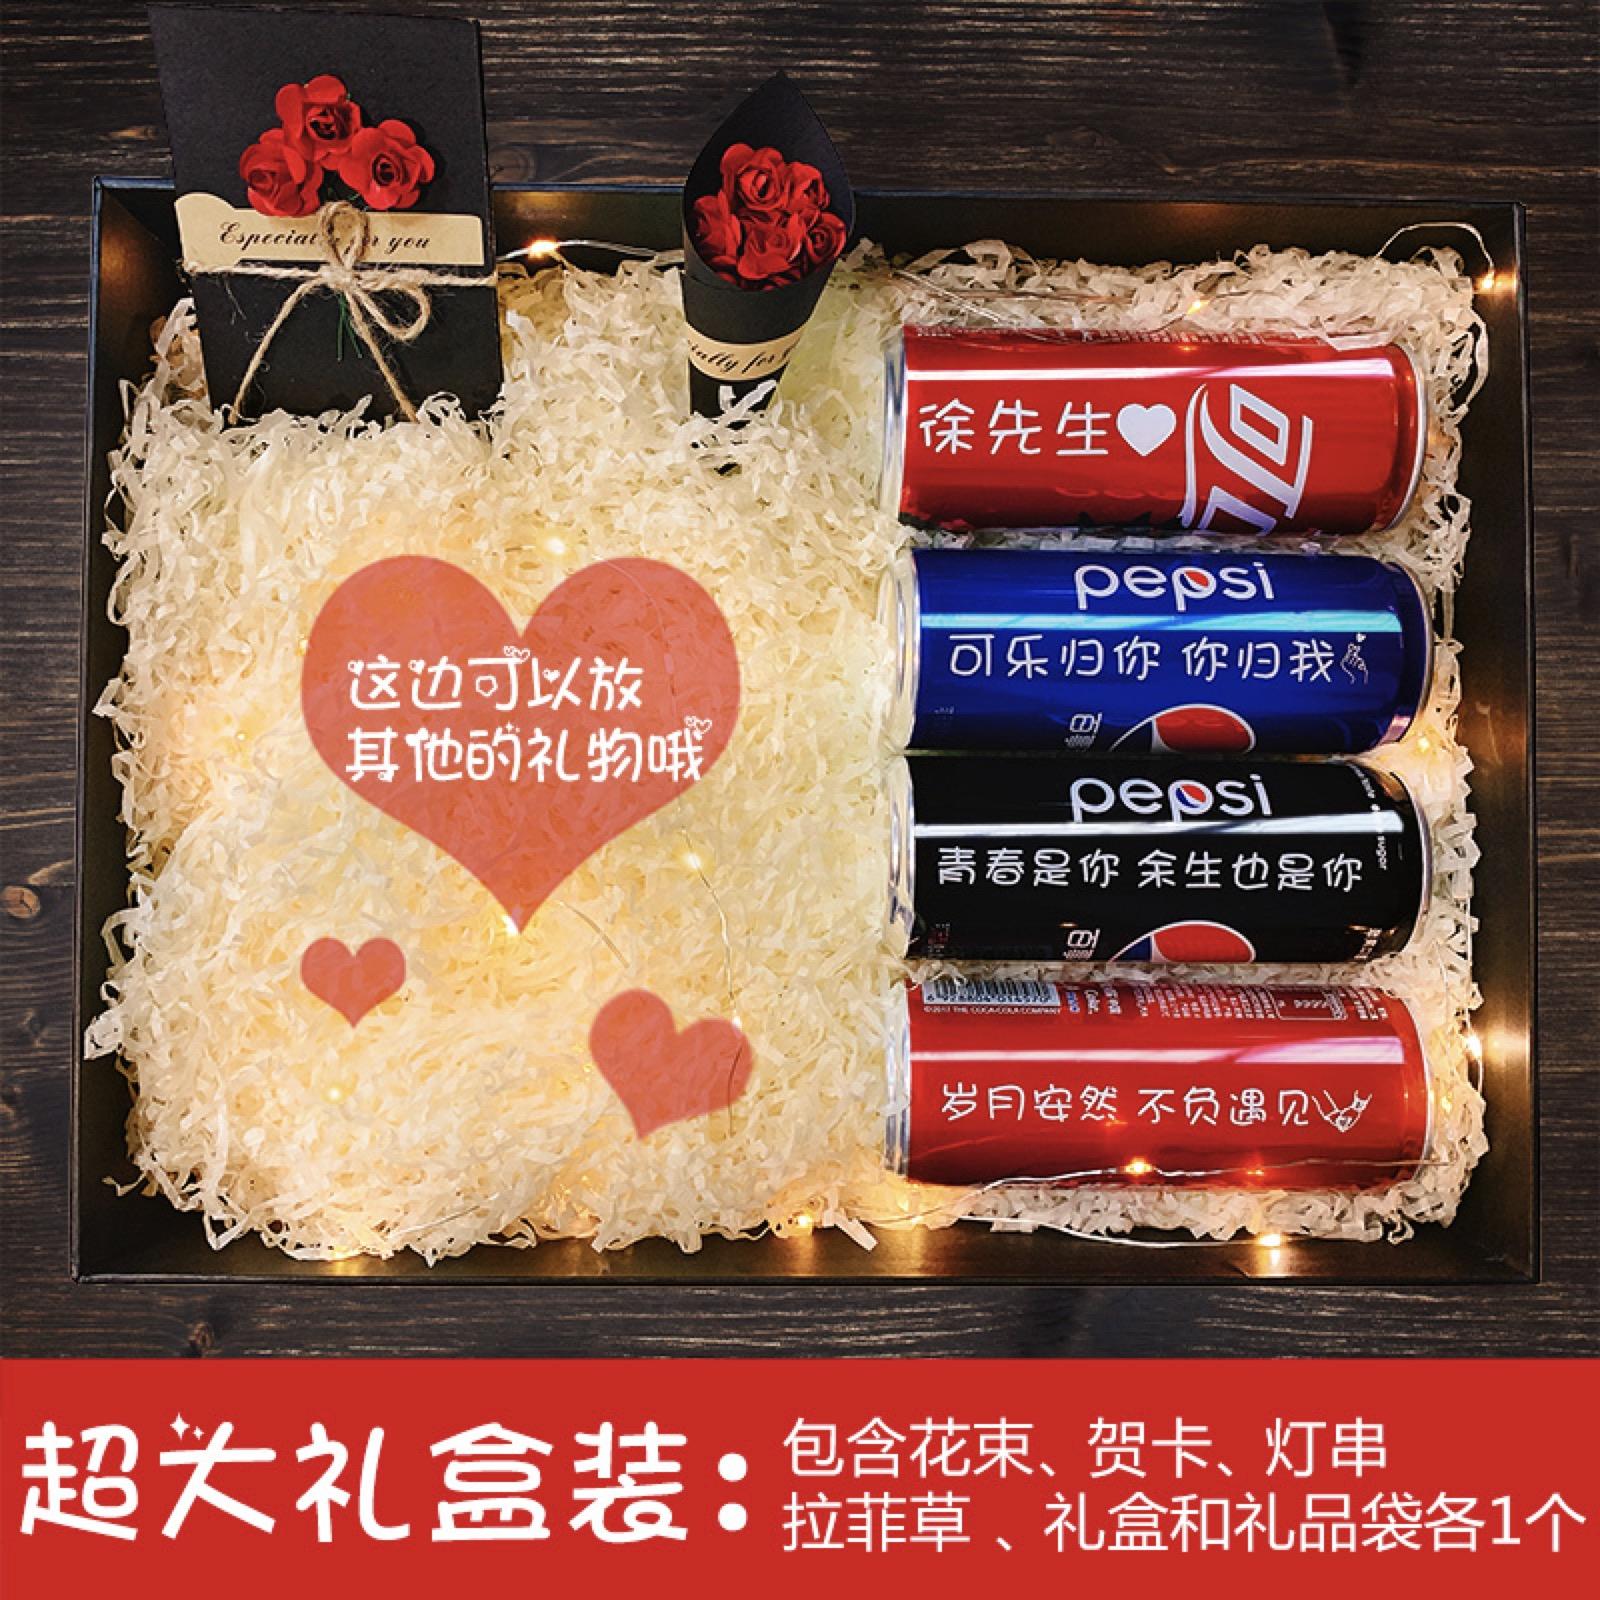 可口可乐定制易拉罐diy刻字生日礼物网红同款创意特别送男生